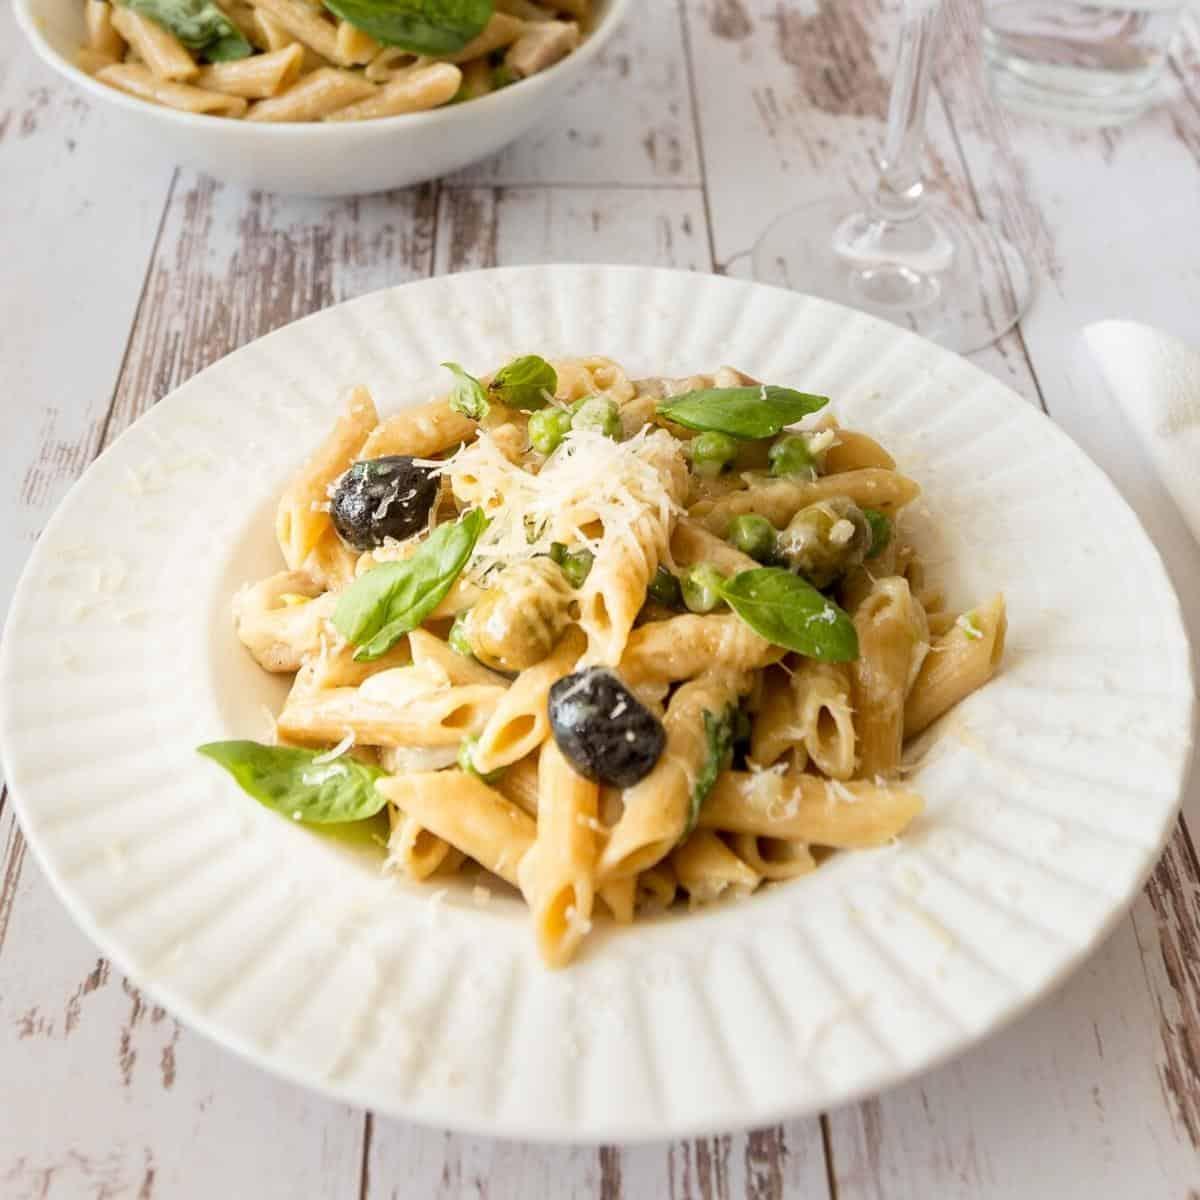 Chicken pasta recipe in a white plate.